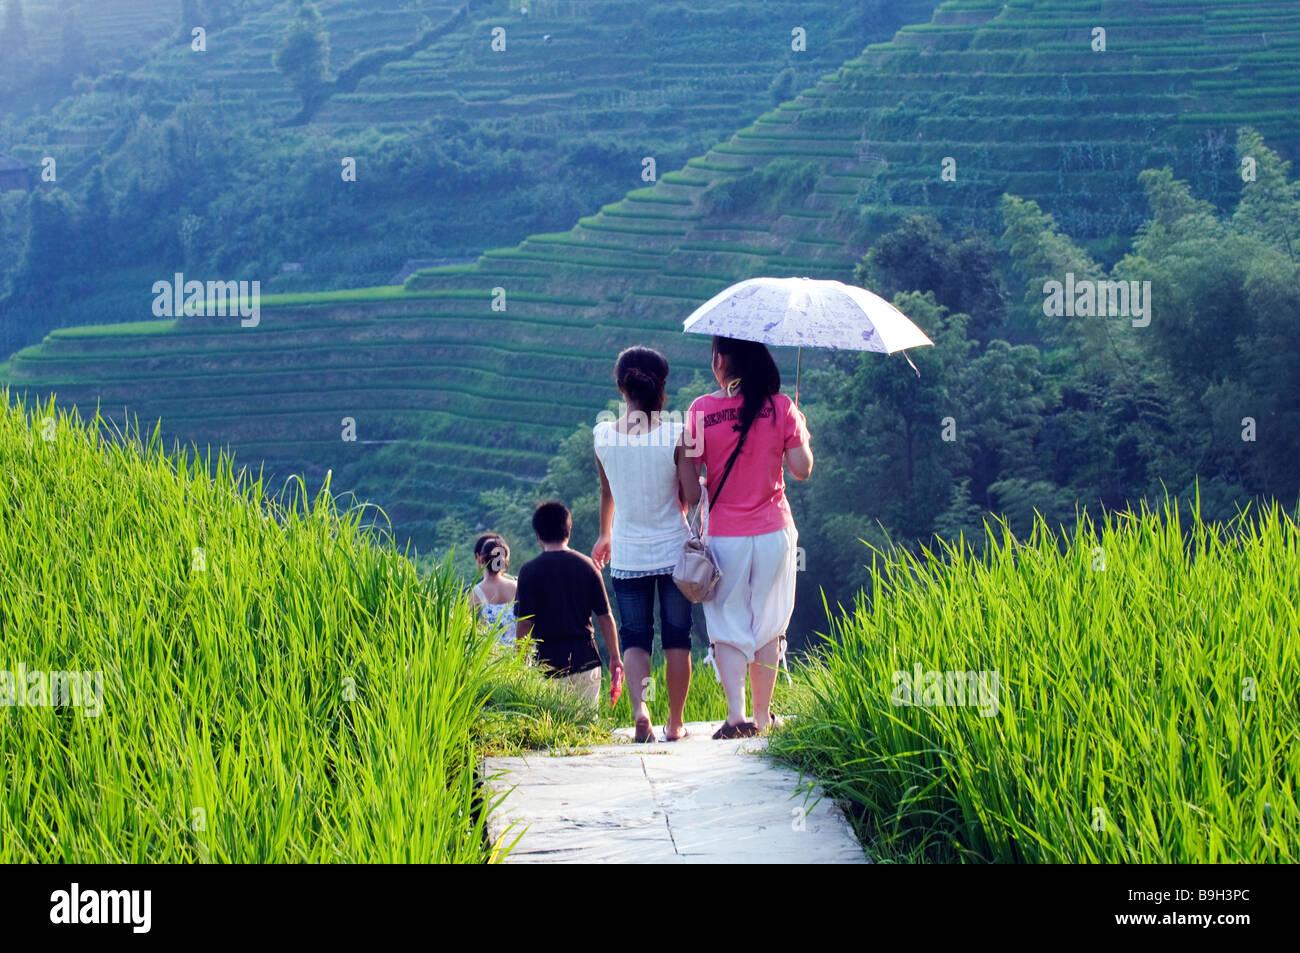 China, Guangxi Province, Longsheng Dragon's Backbone Rice Terraces near Guilin. Tourists walking through the rice Stock Photo